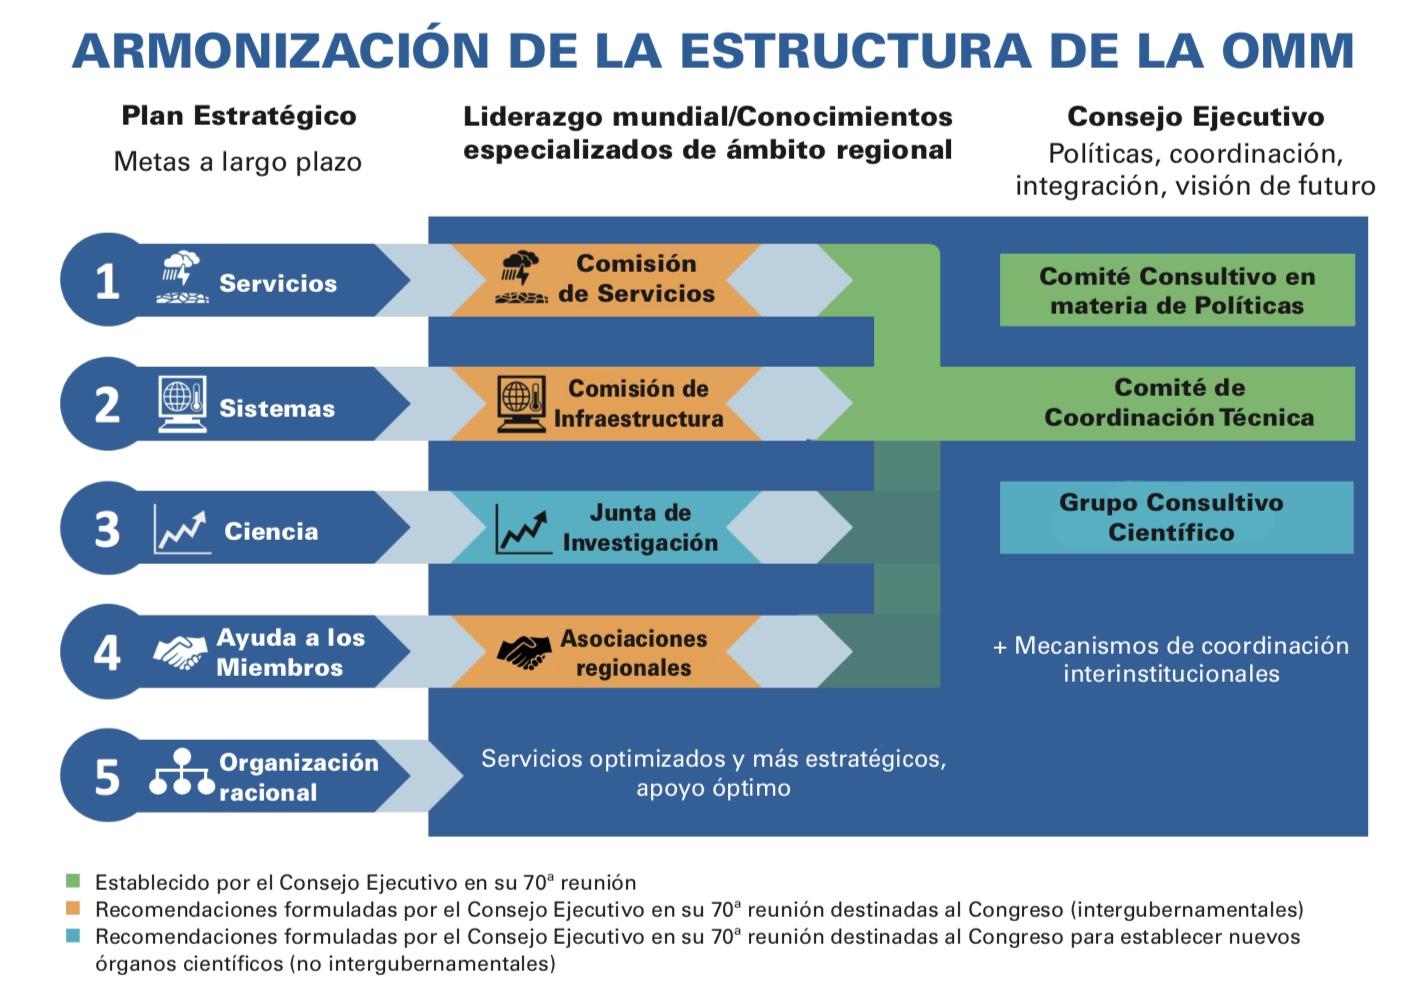 Armonization de la estructura de la OMM